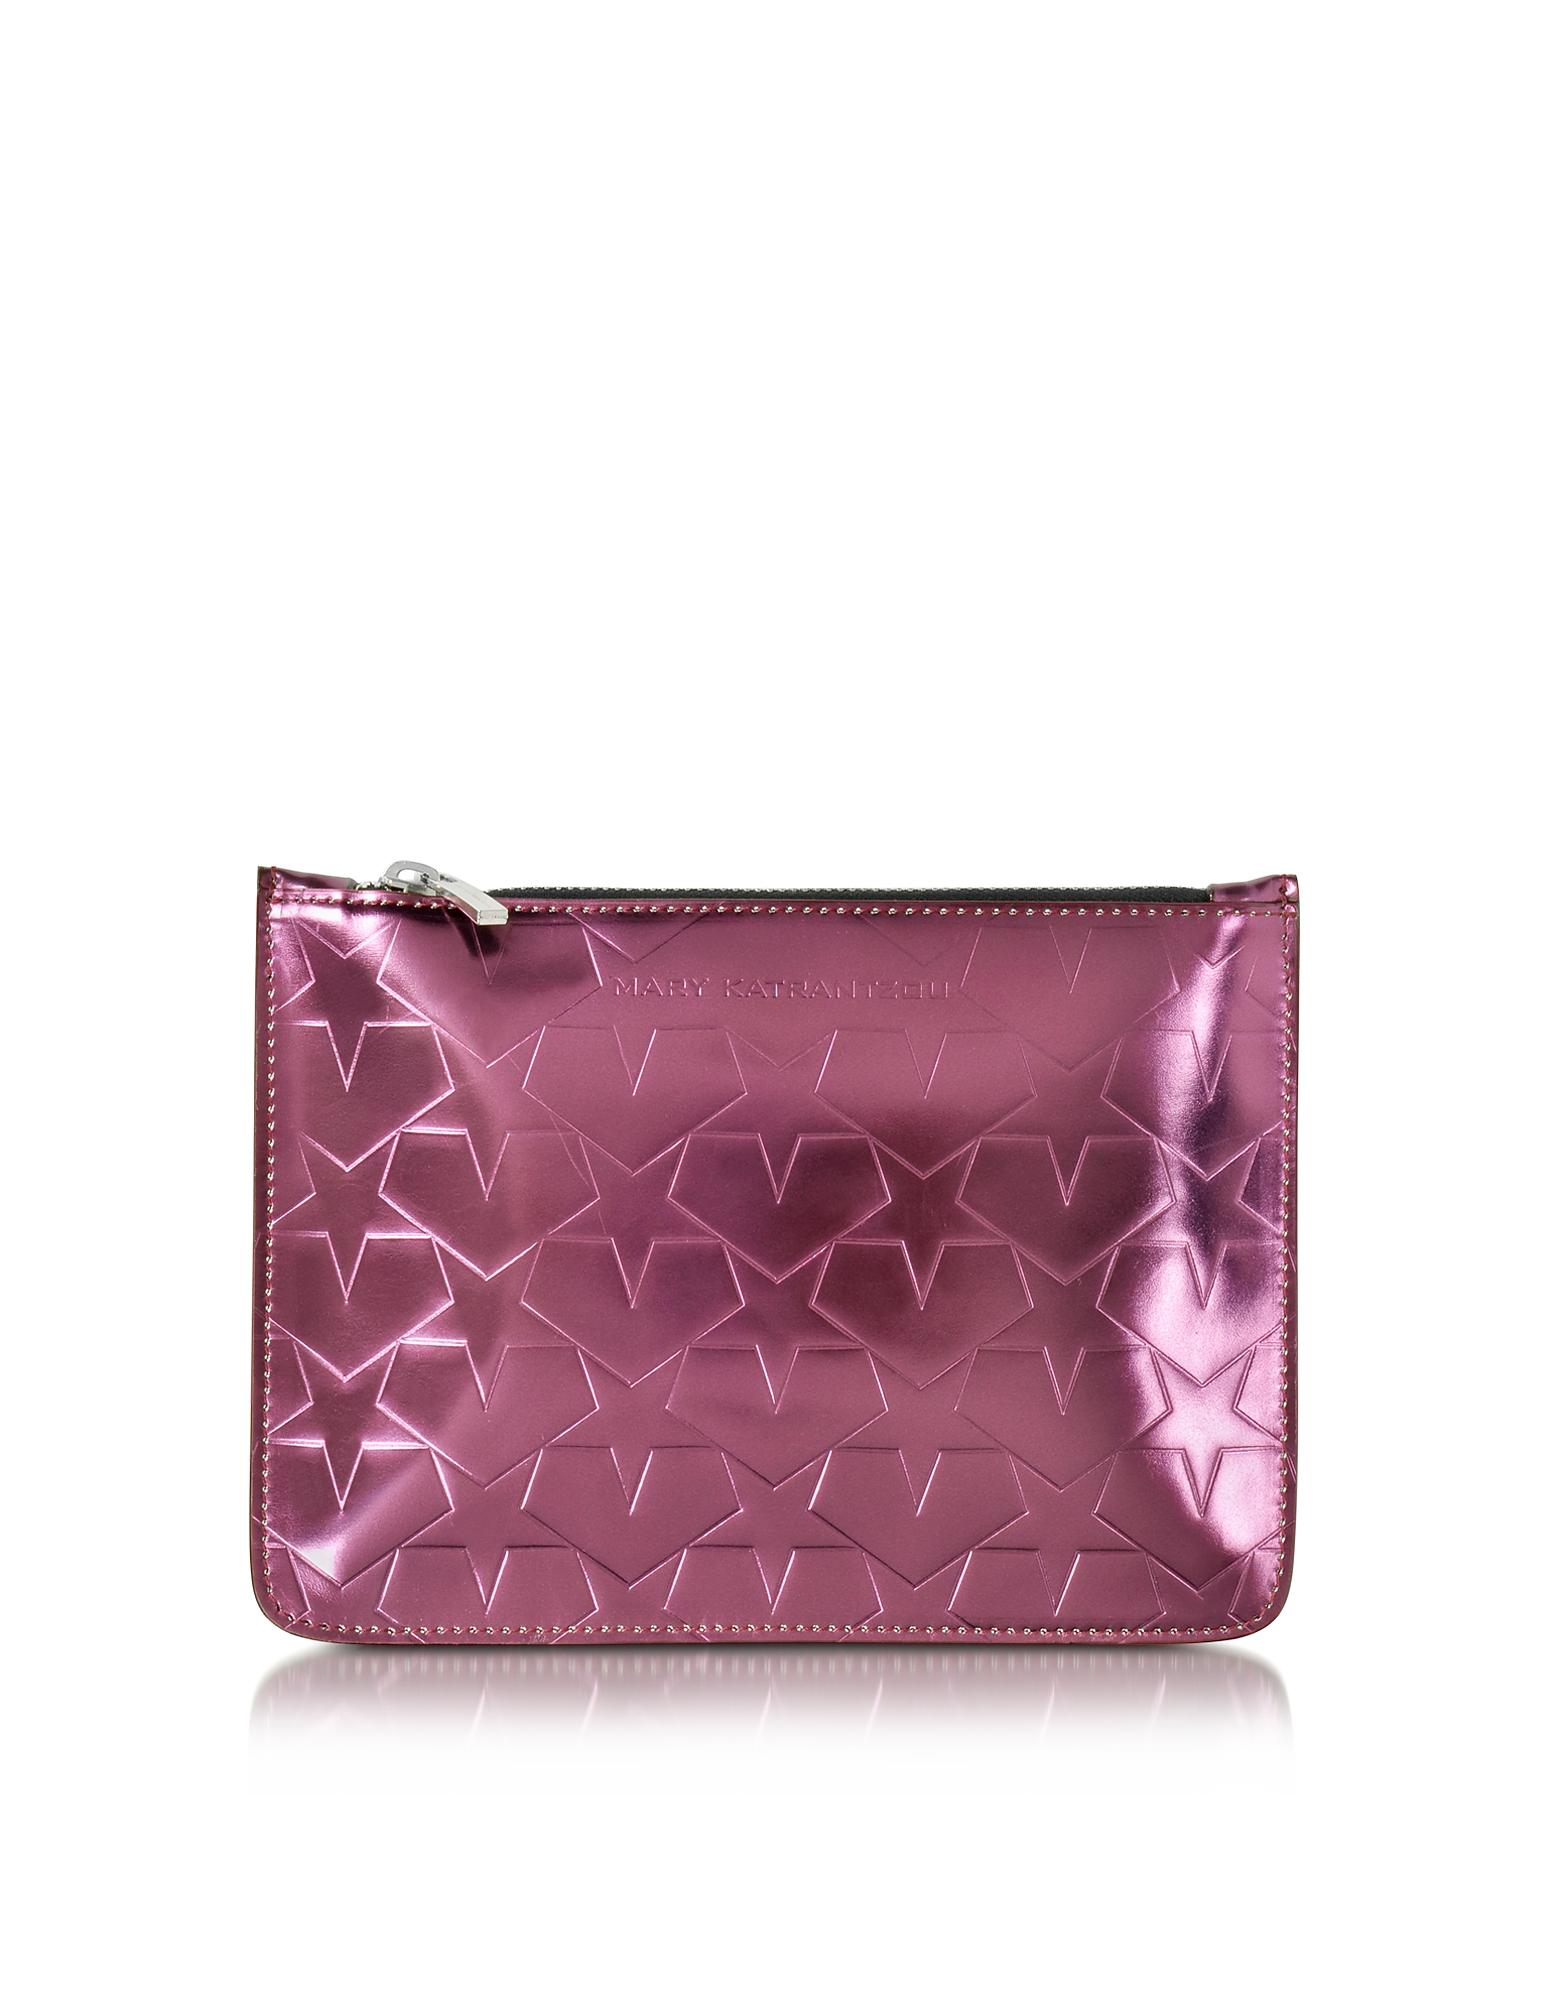 Mary Katrantzou Handbags, Laminated Leather Pouch w/Stars